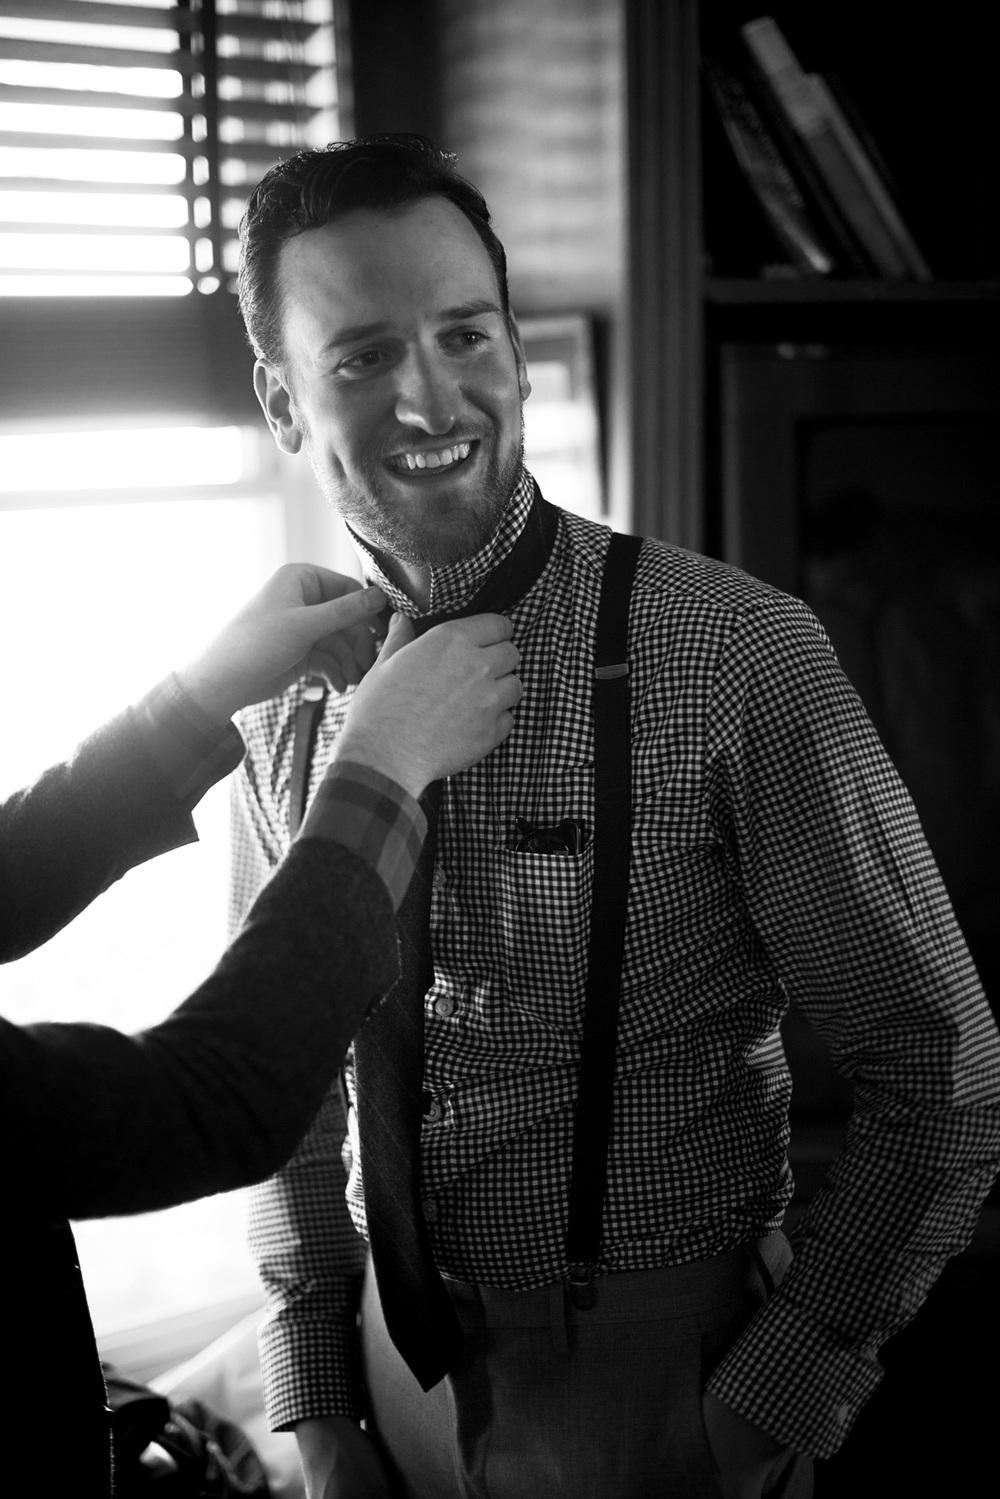 groom help tie preparing suit